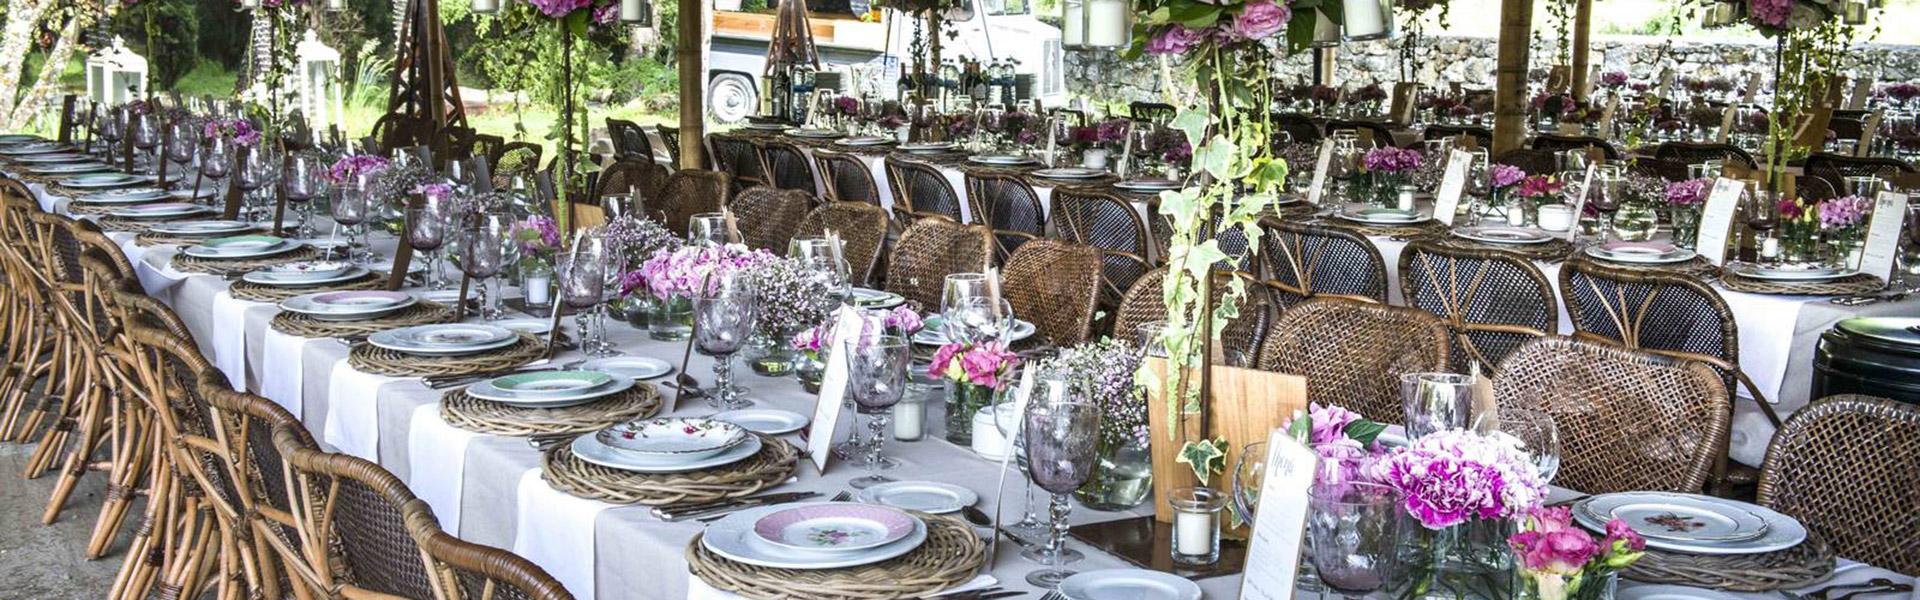 sillas para banquetes